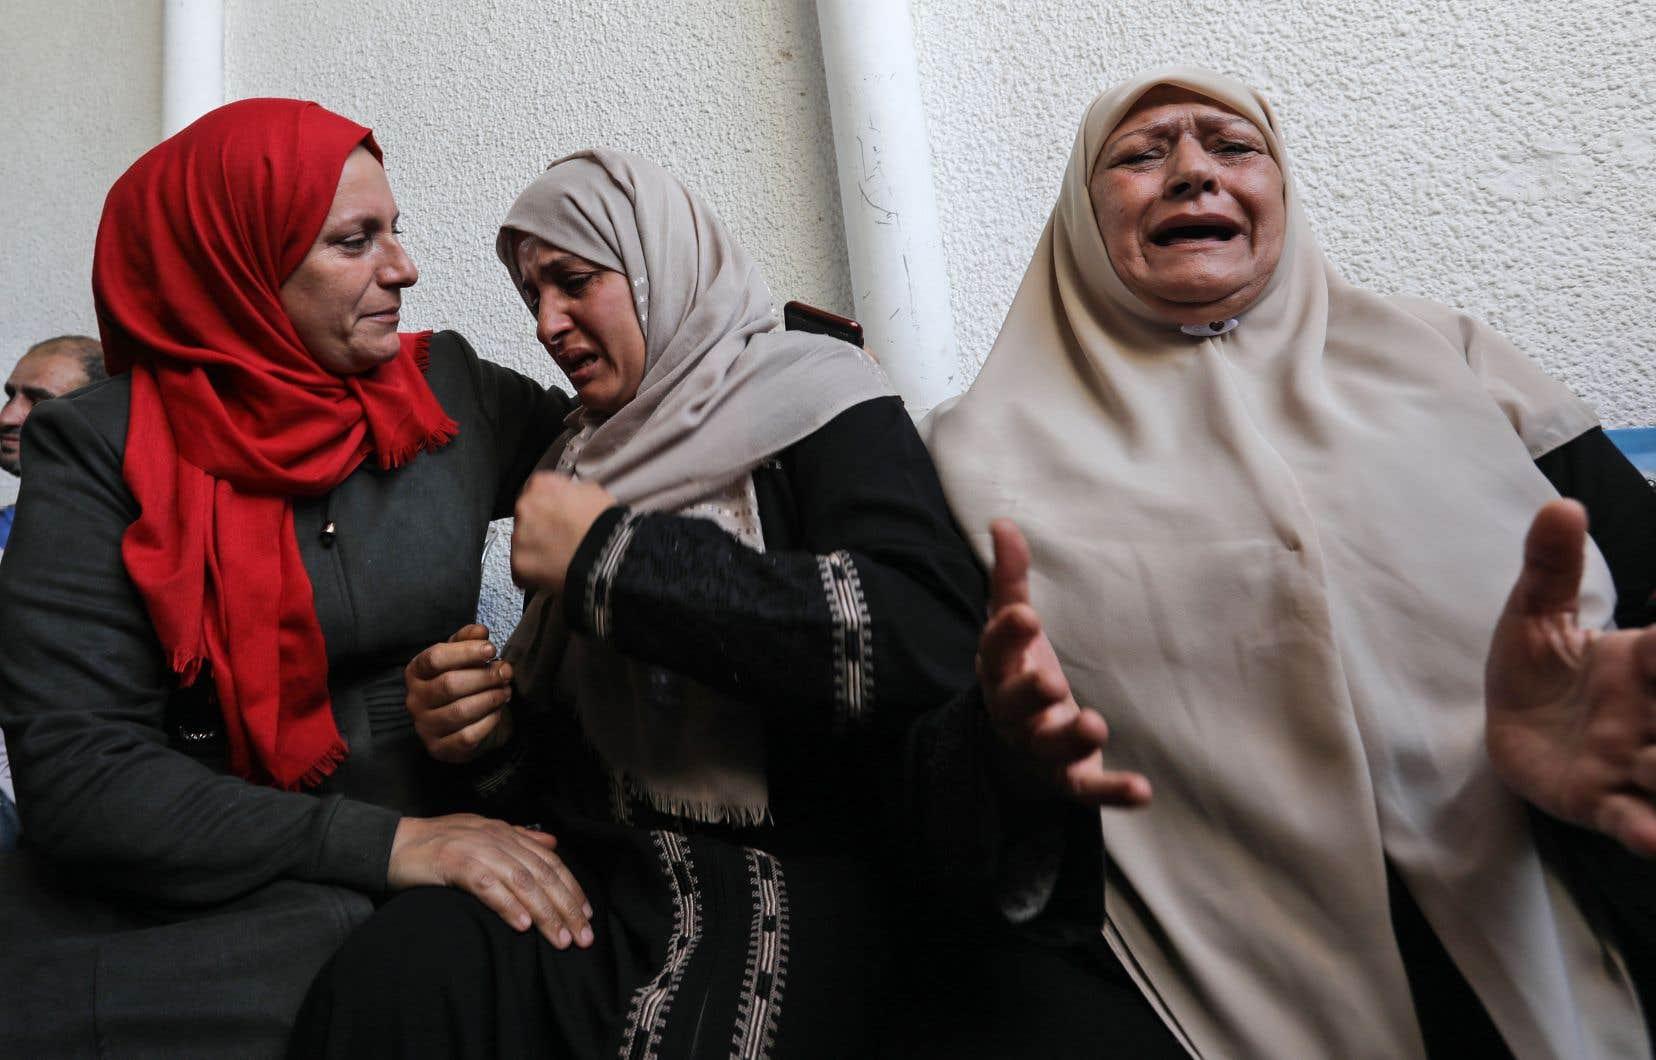 Des femmes palestiniennes en deuil pleuraient, mercredi, à l'extérieur de la morgue de l'hôpital al-Shifa à Gaza.